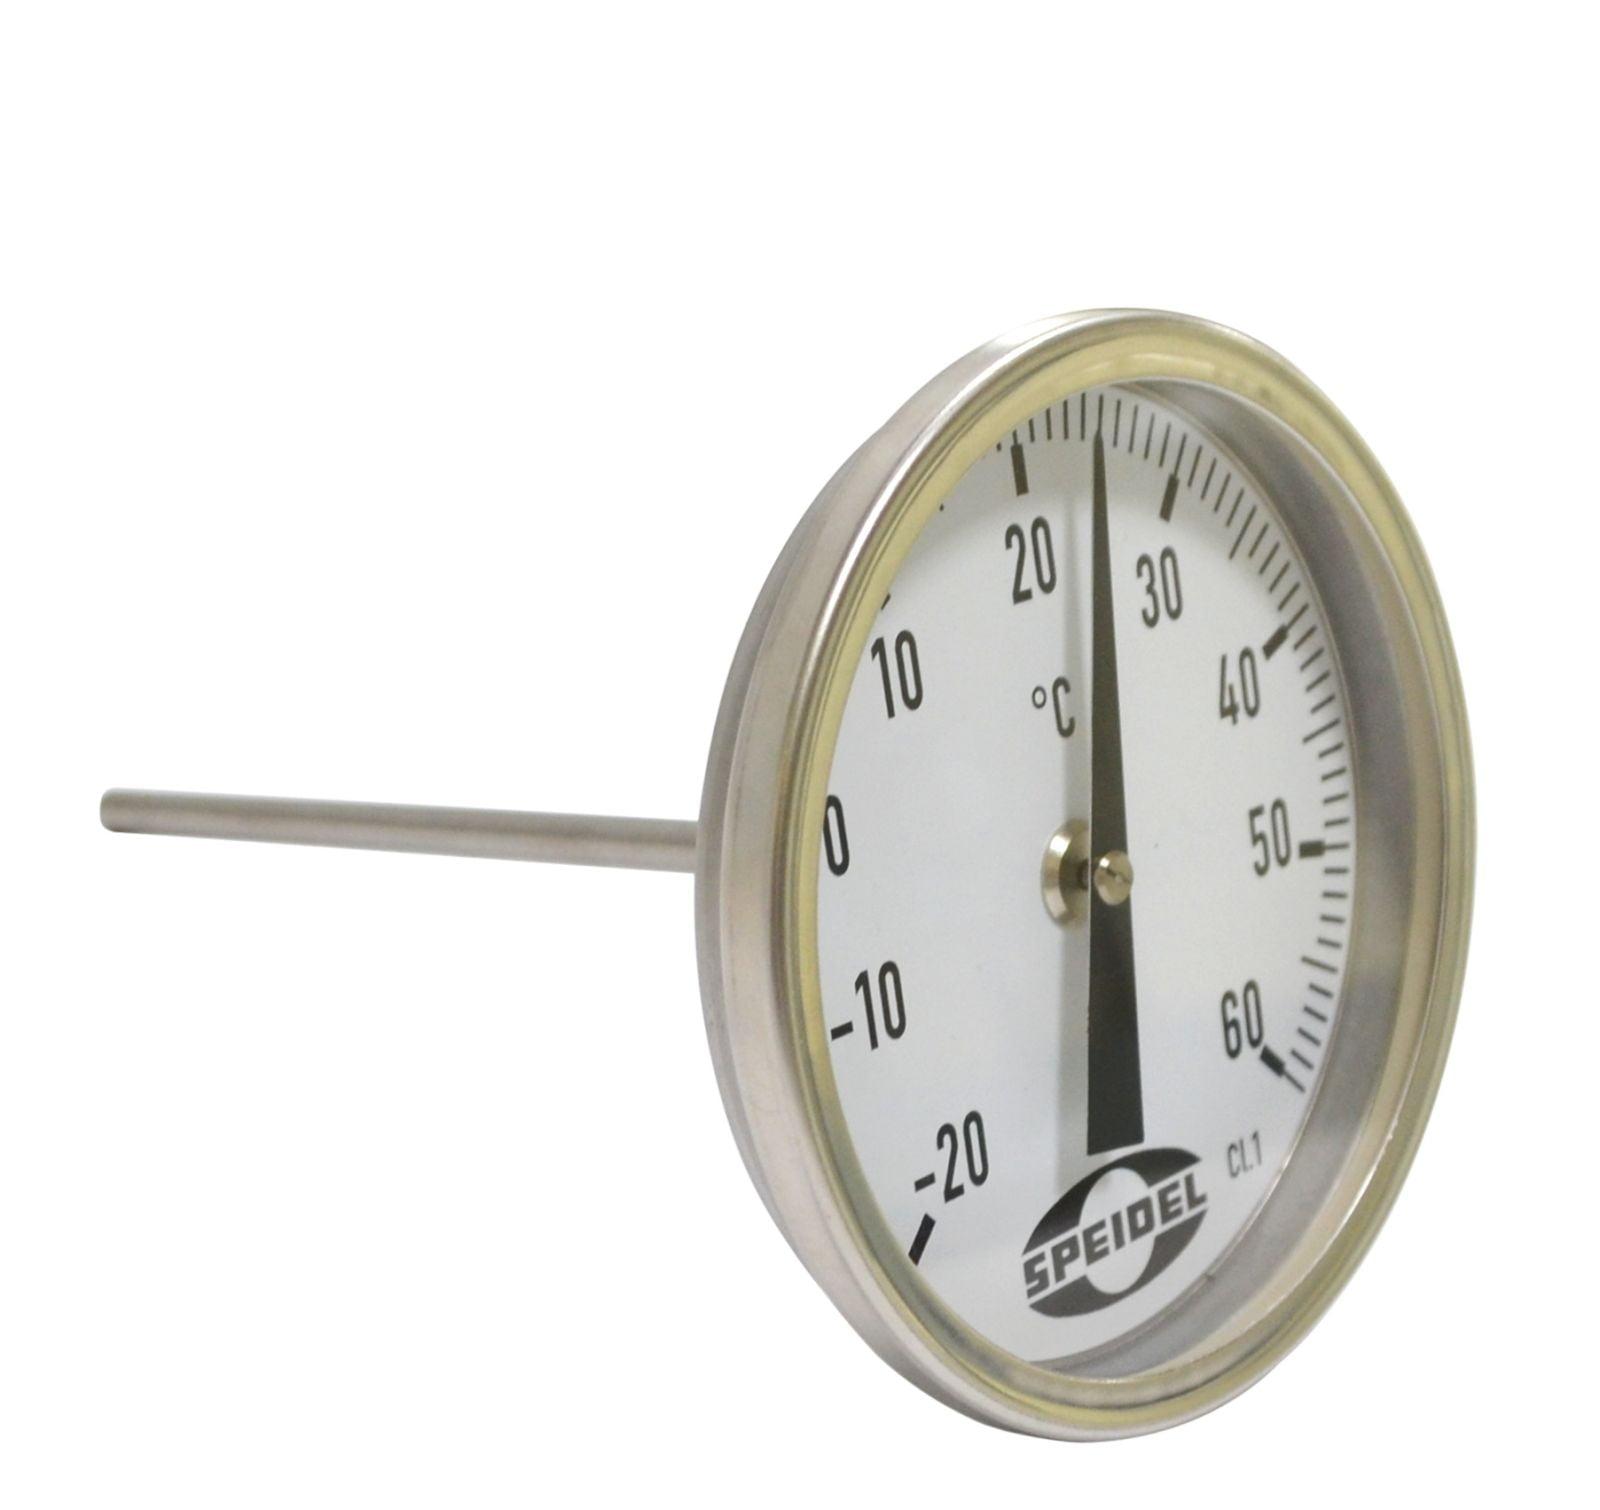 термометр SPEIDEL для баков-ферментеров FD_1